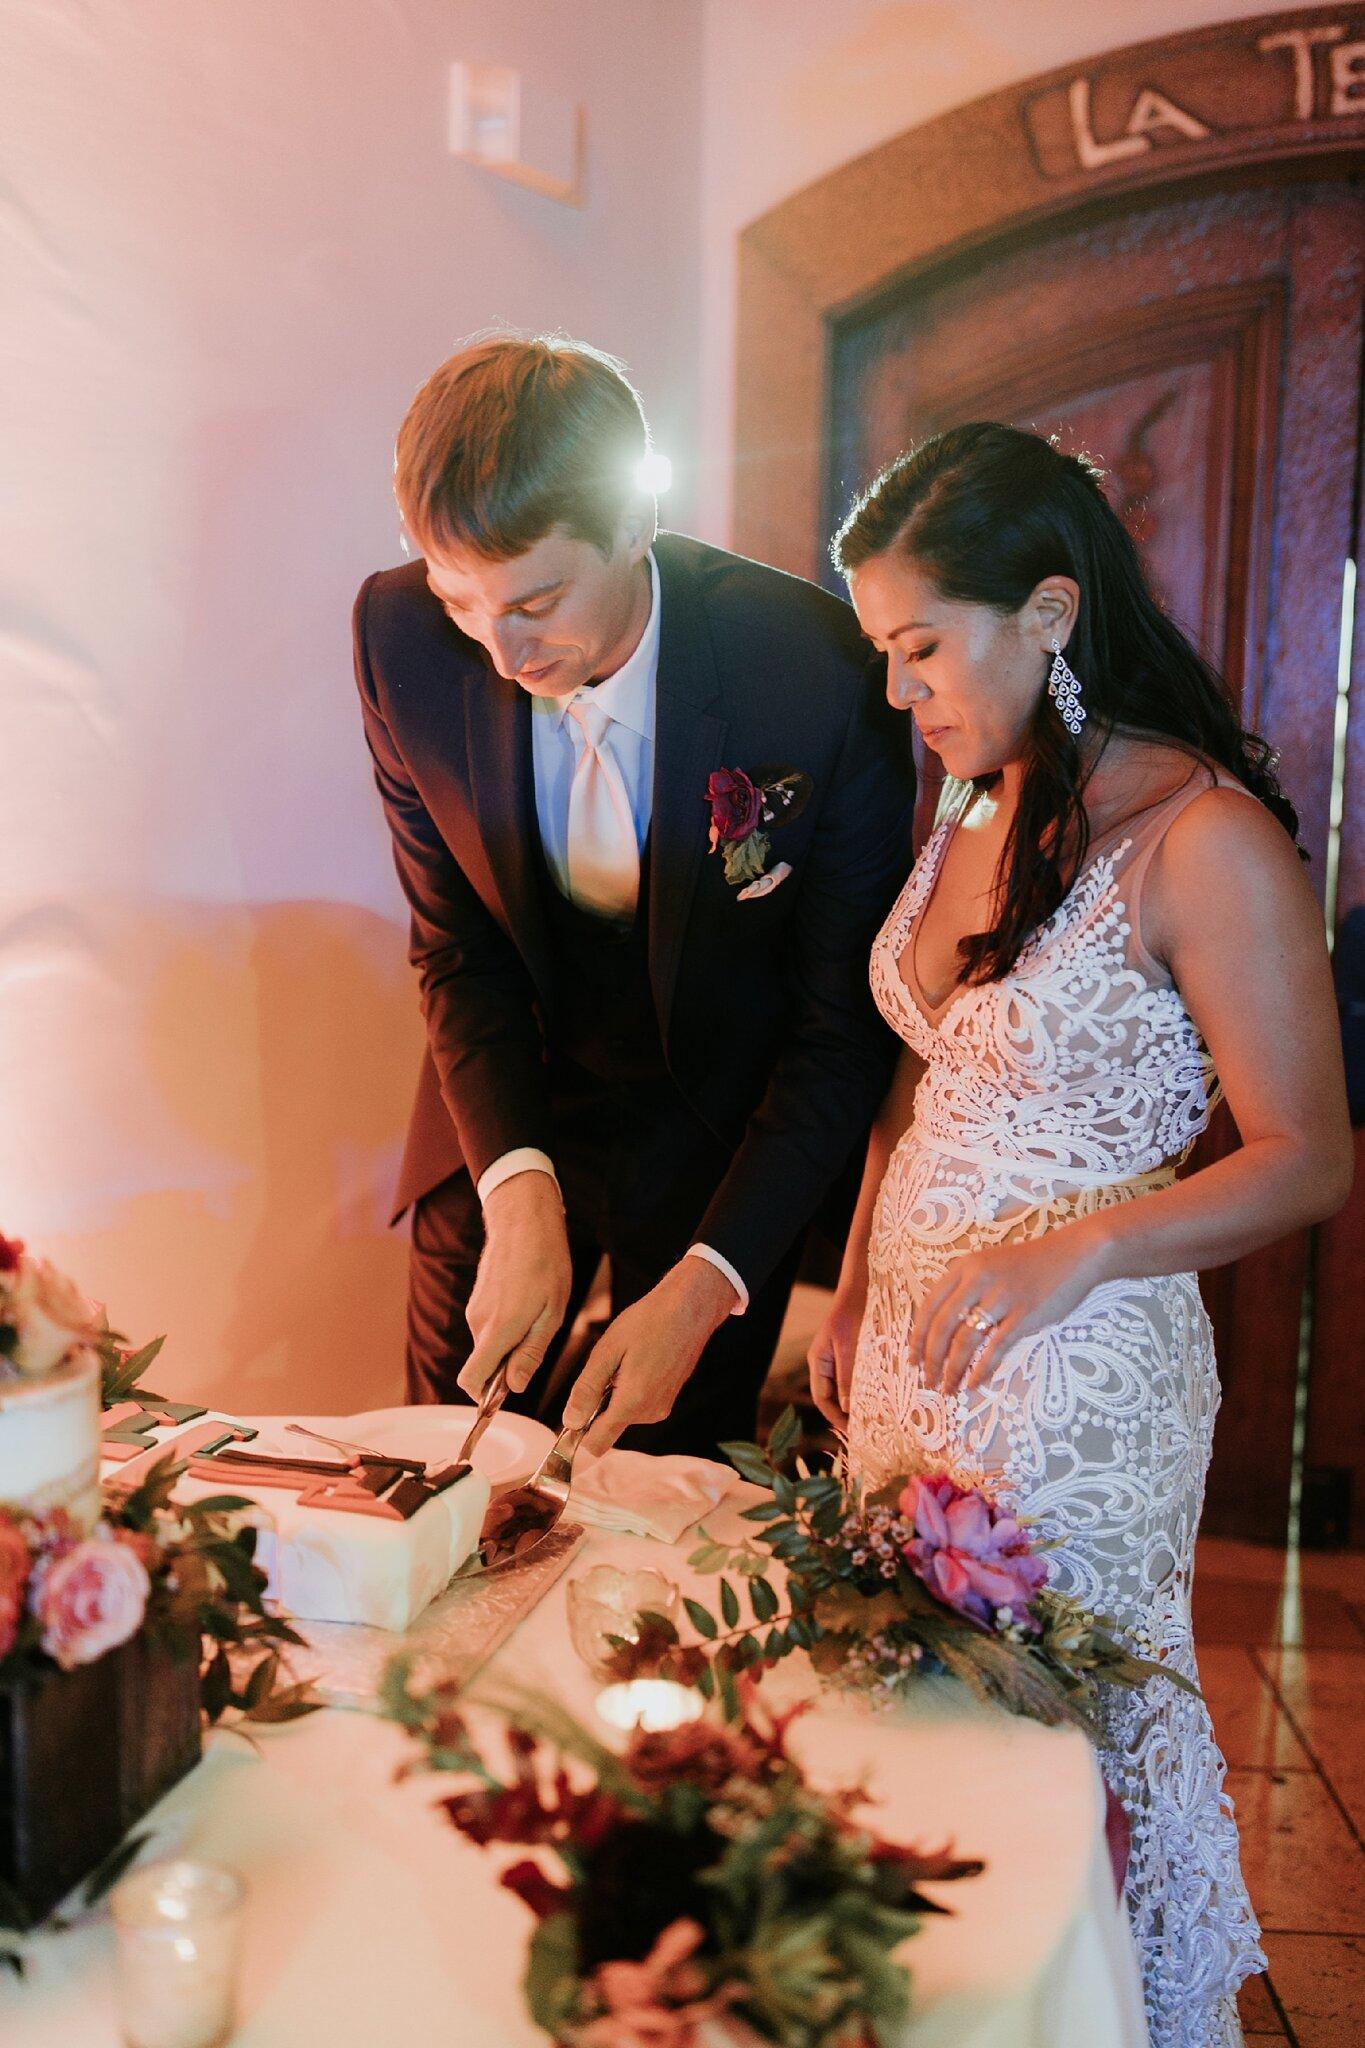 Alicia+lucia+photography+-+albuquerque+wedding+photographer+-+santa+fe+wedding+photography+-+new+mexico+wedding+photographer+-+new+mexico+wedding+-+wedding+-+wedding+cakes+-+flroal+cake+-+santa+fe+cake+-+santa+fe+baker_0017.jpg